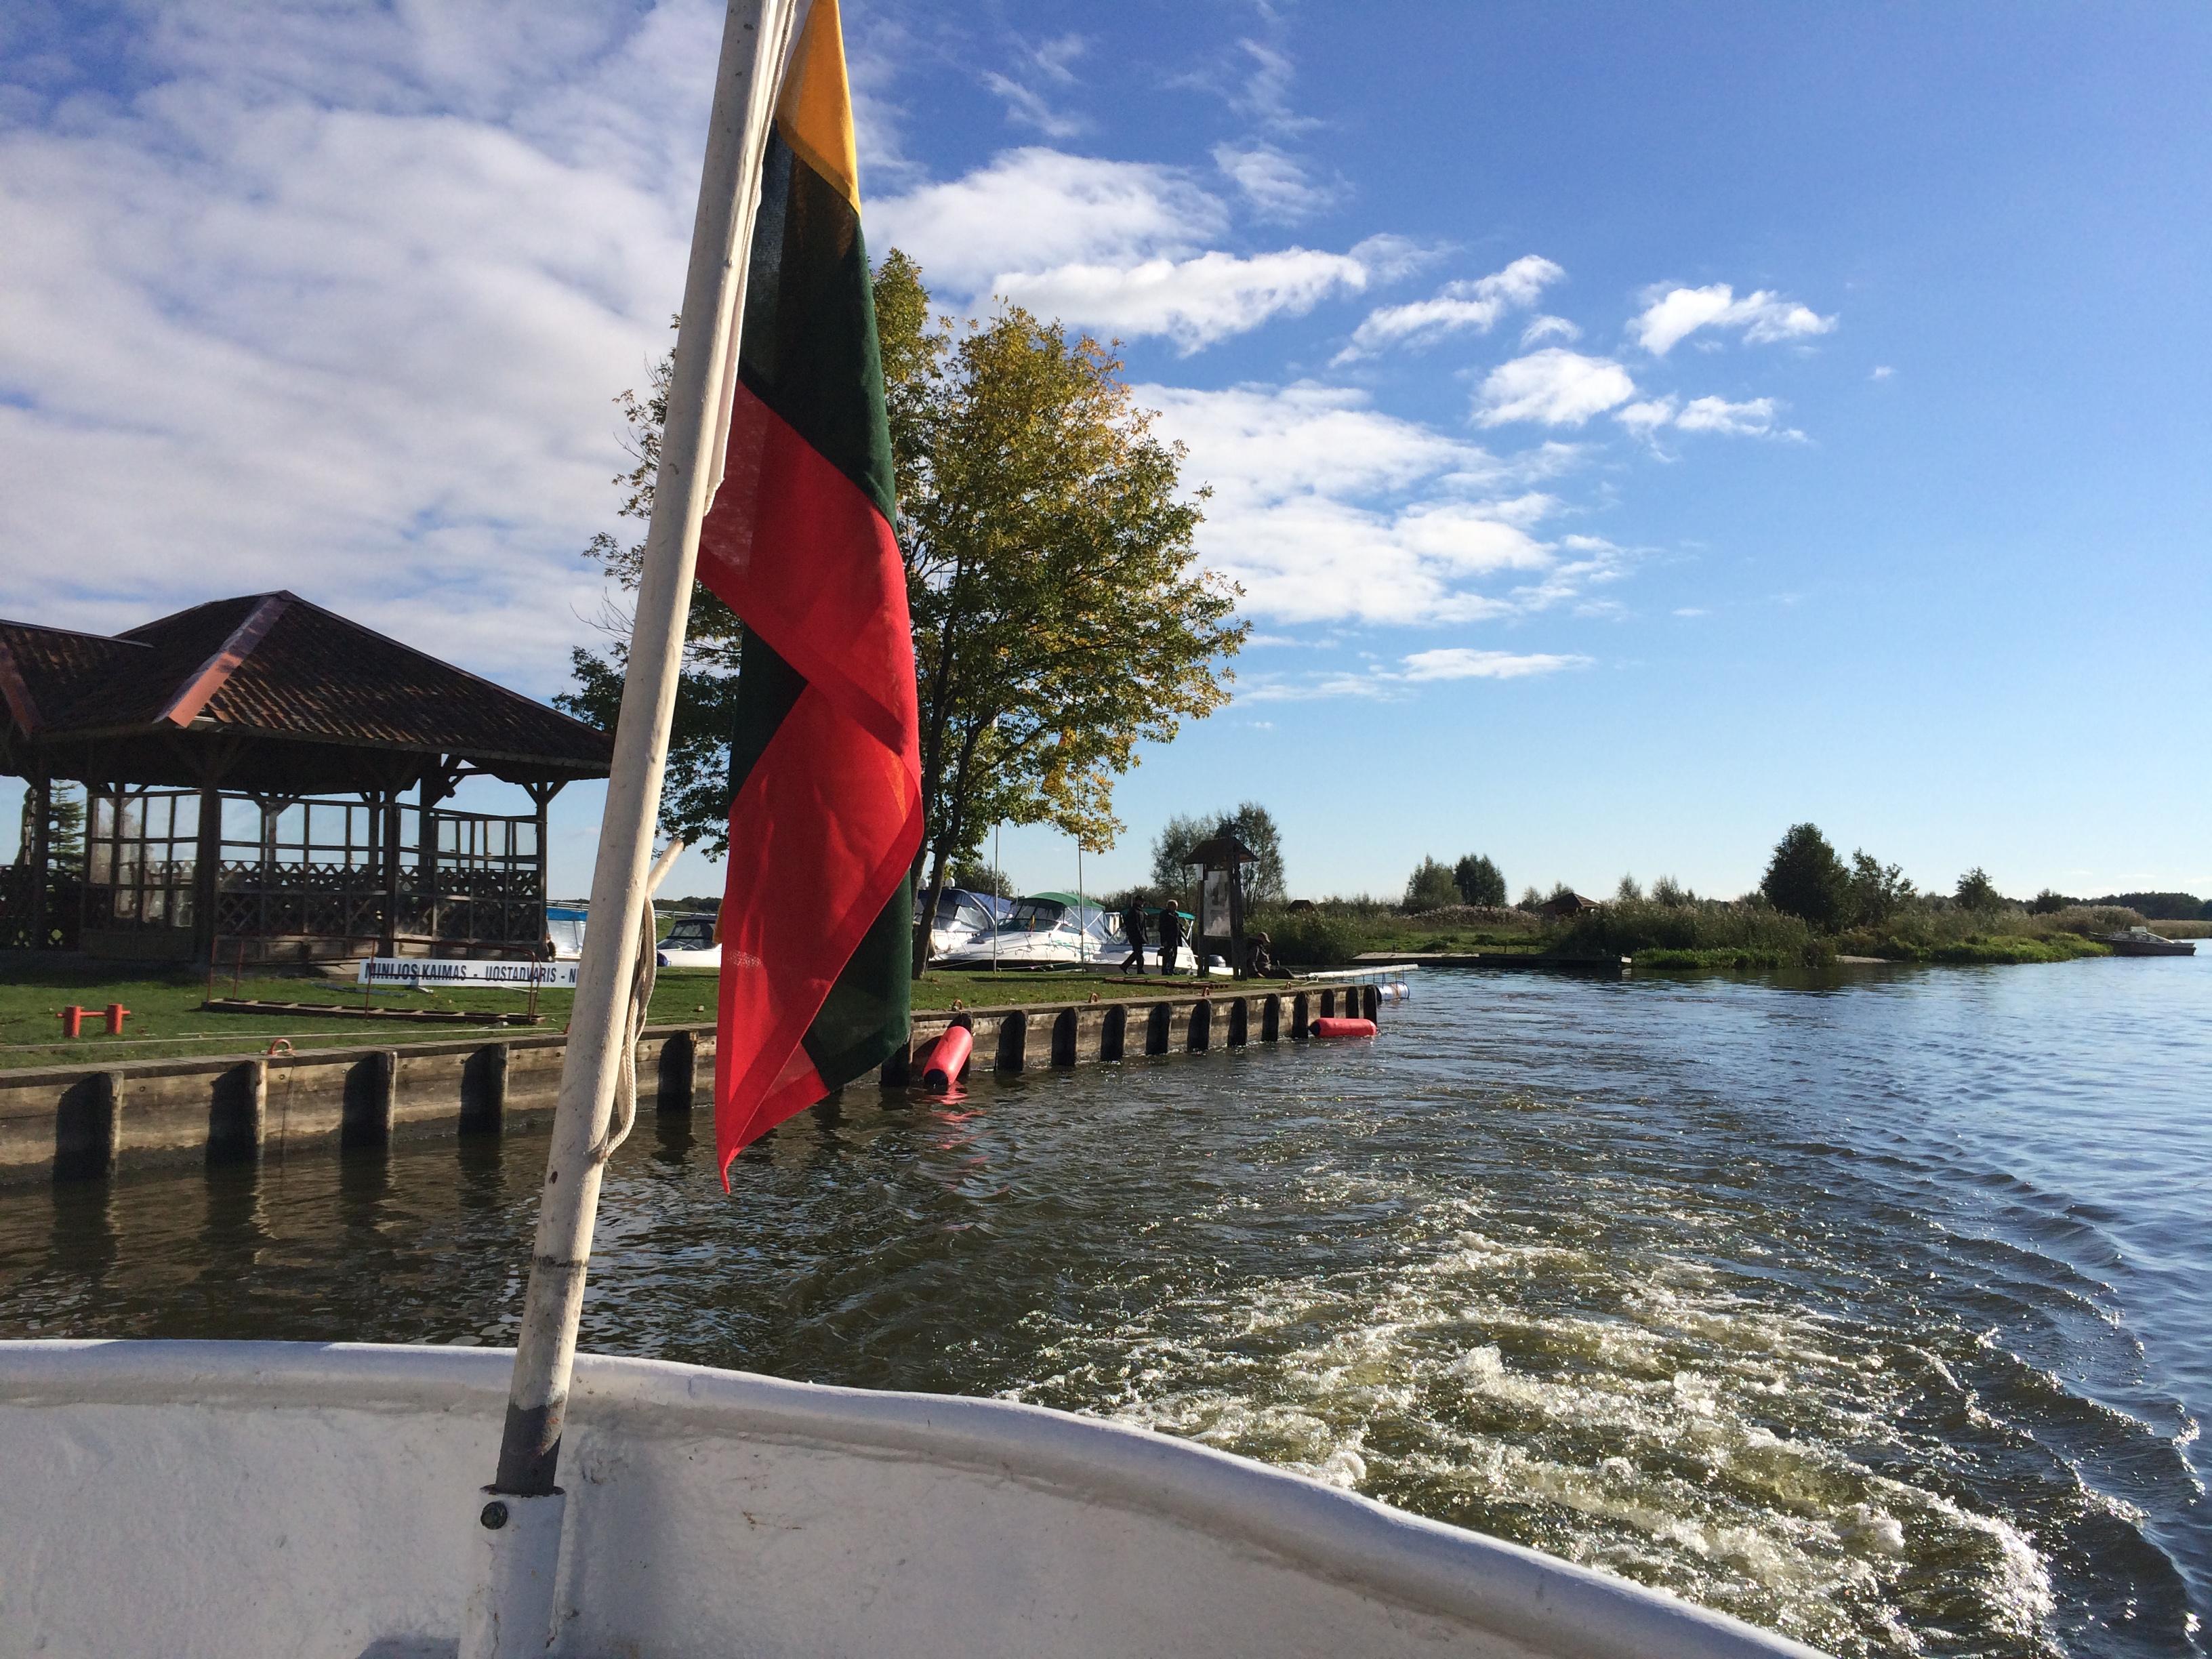 Kelionės Lietuvoje kelioniu organizatorius (1)